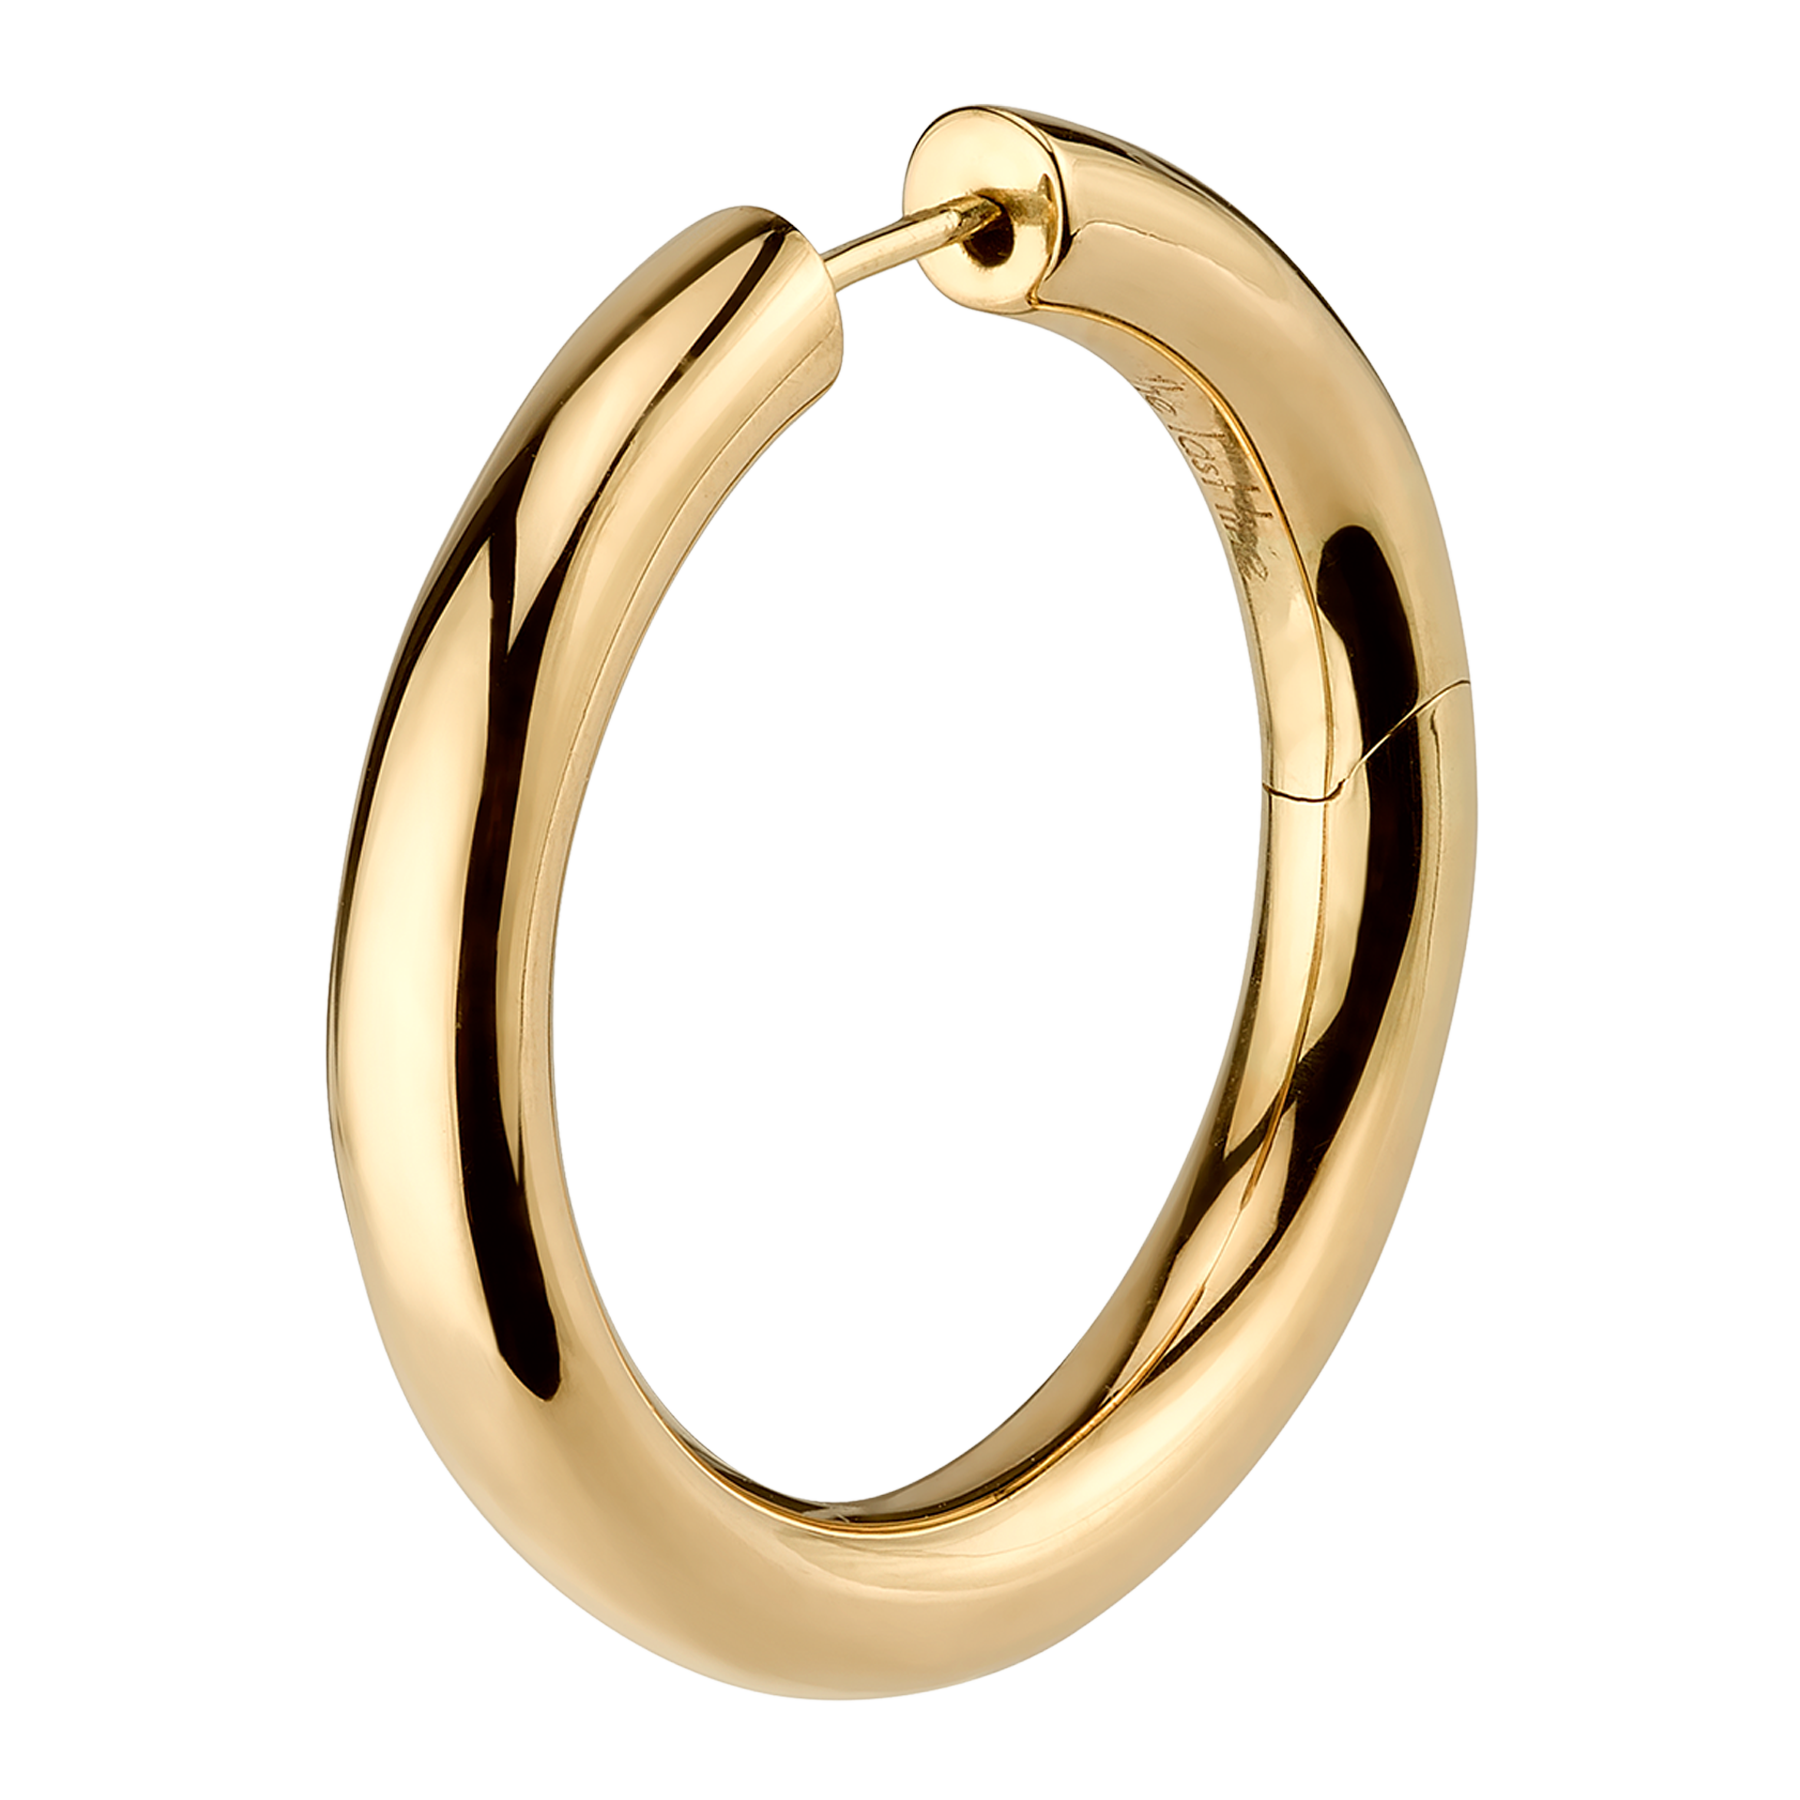 Gold 1 Wide Hoop Earring The Last Line Hoop Earrings Gold Chunky Earrings